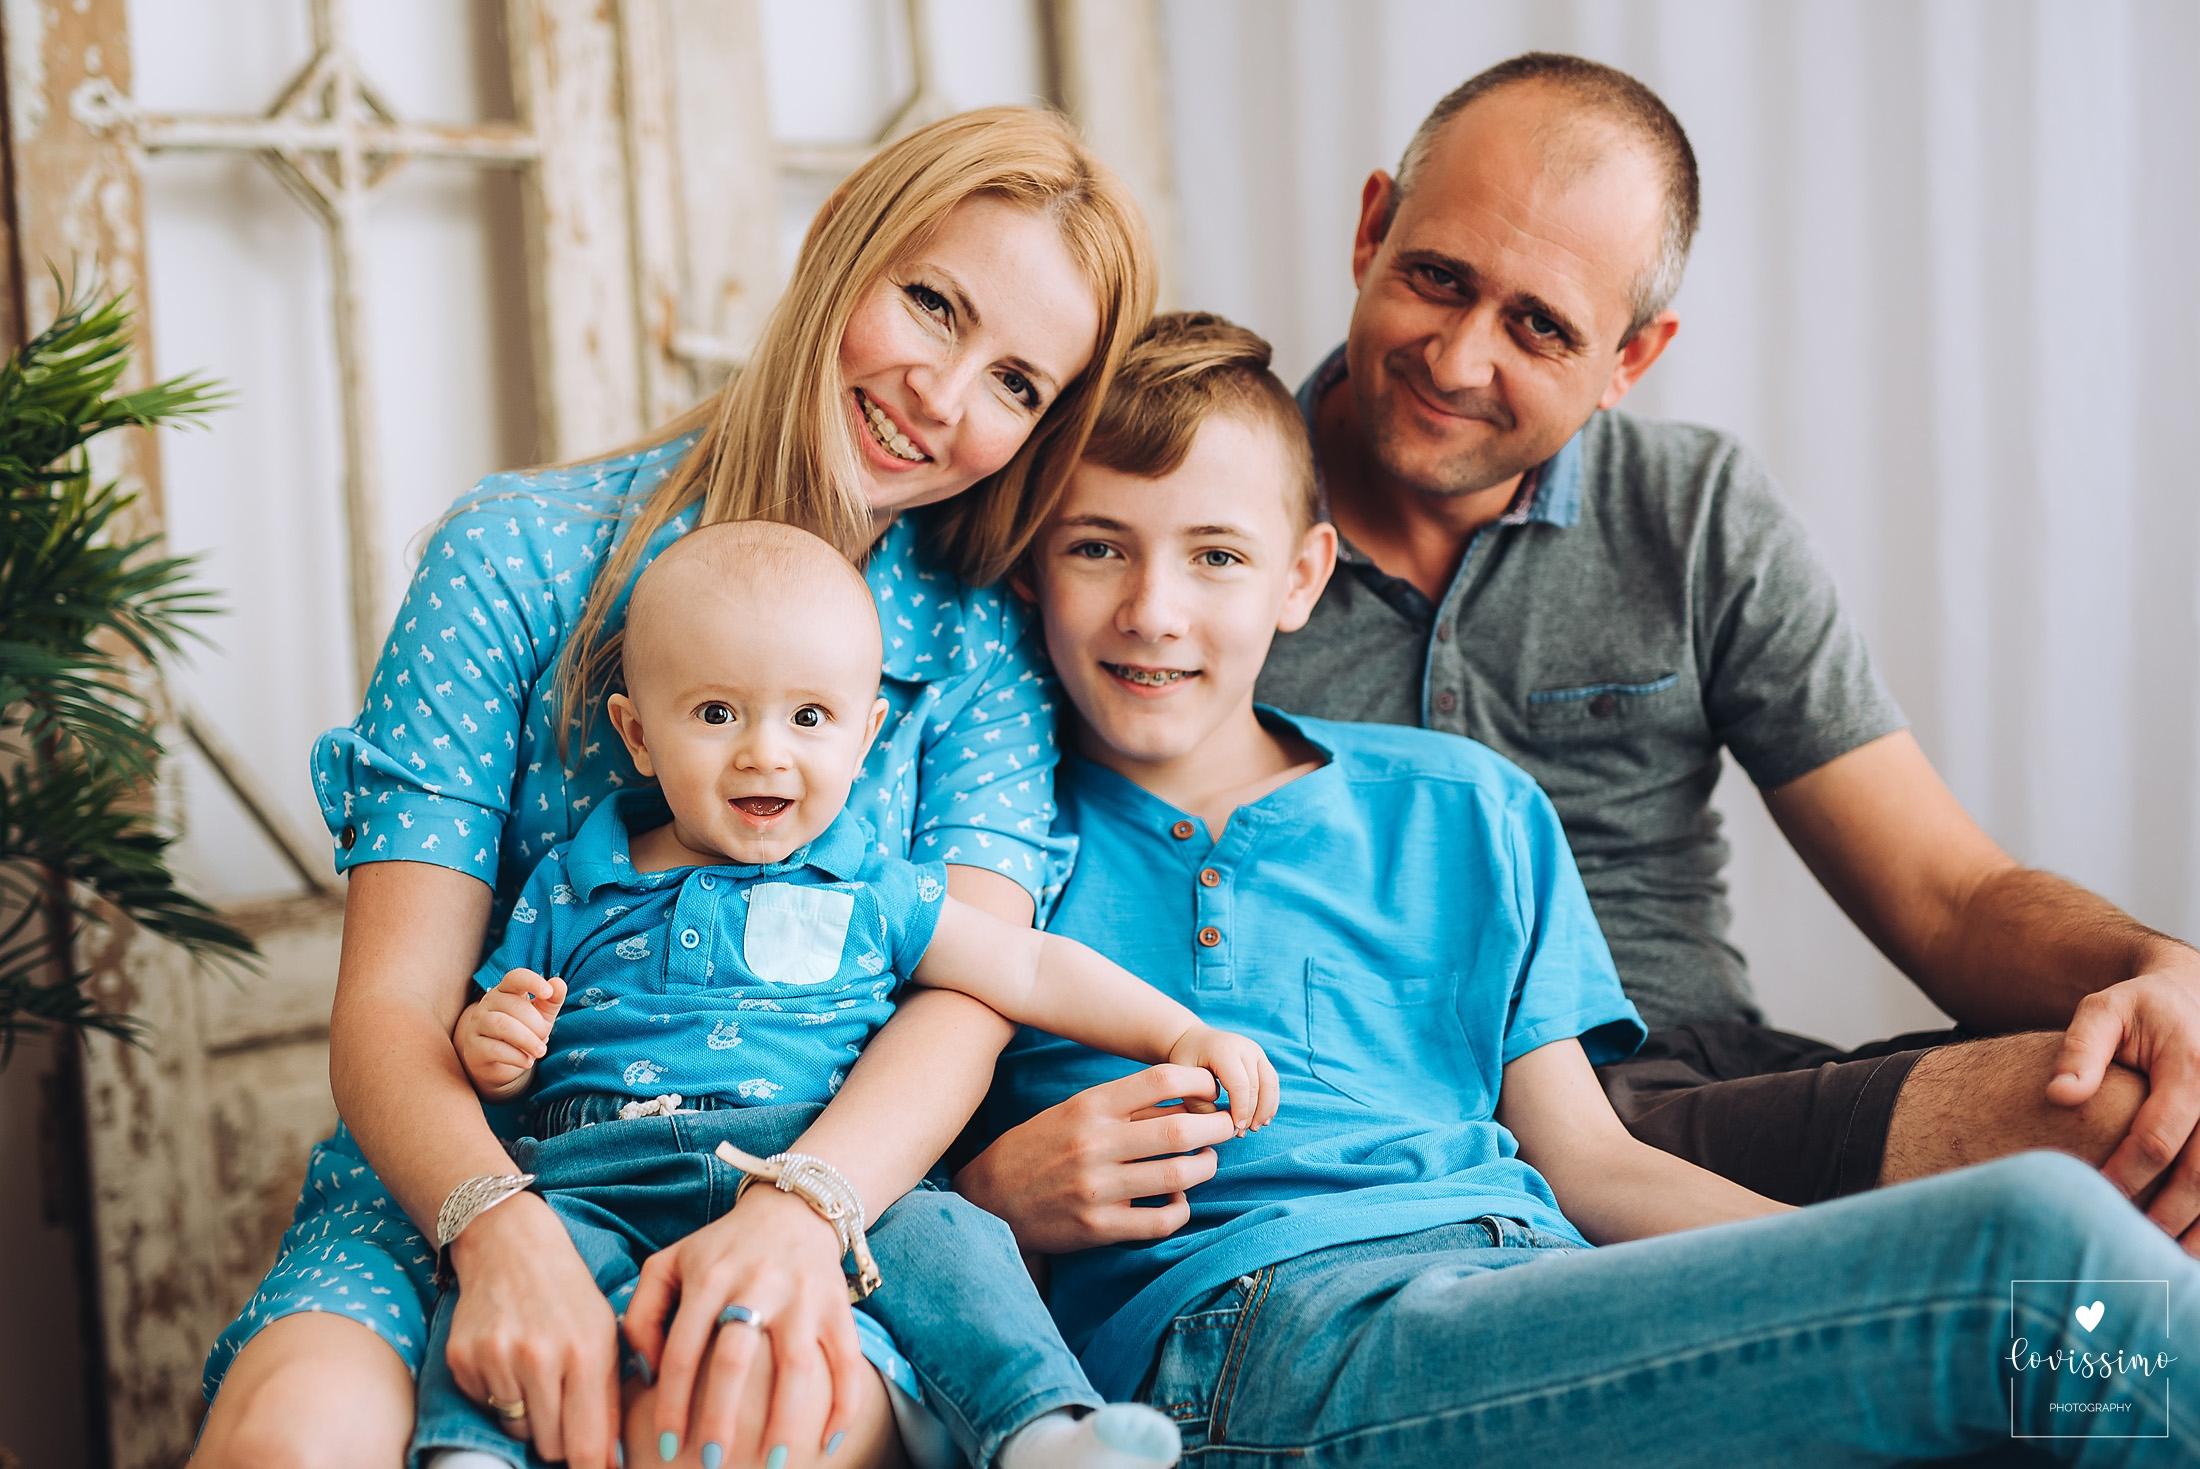 Sesja rodzinna Rzeszów, Dębica, Jarosław. Studio fotograficzne, fotograf dziecięcy